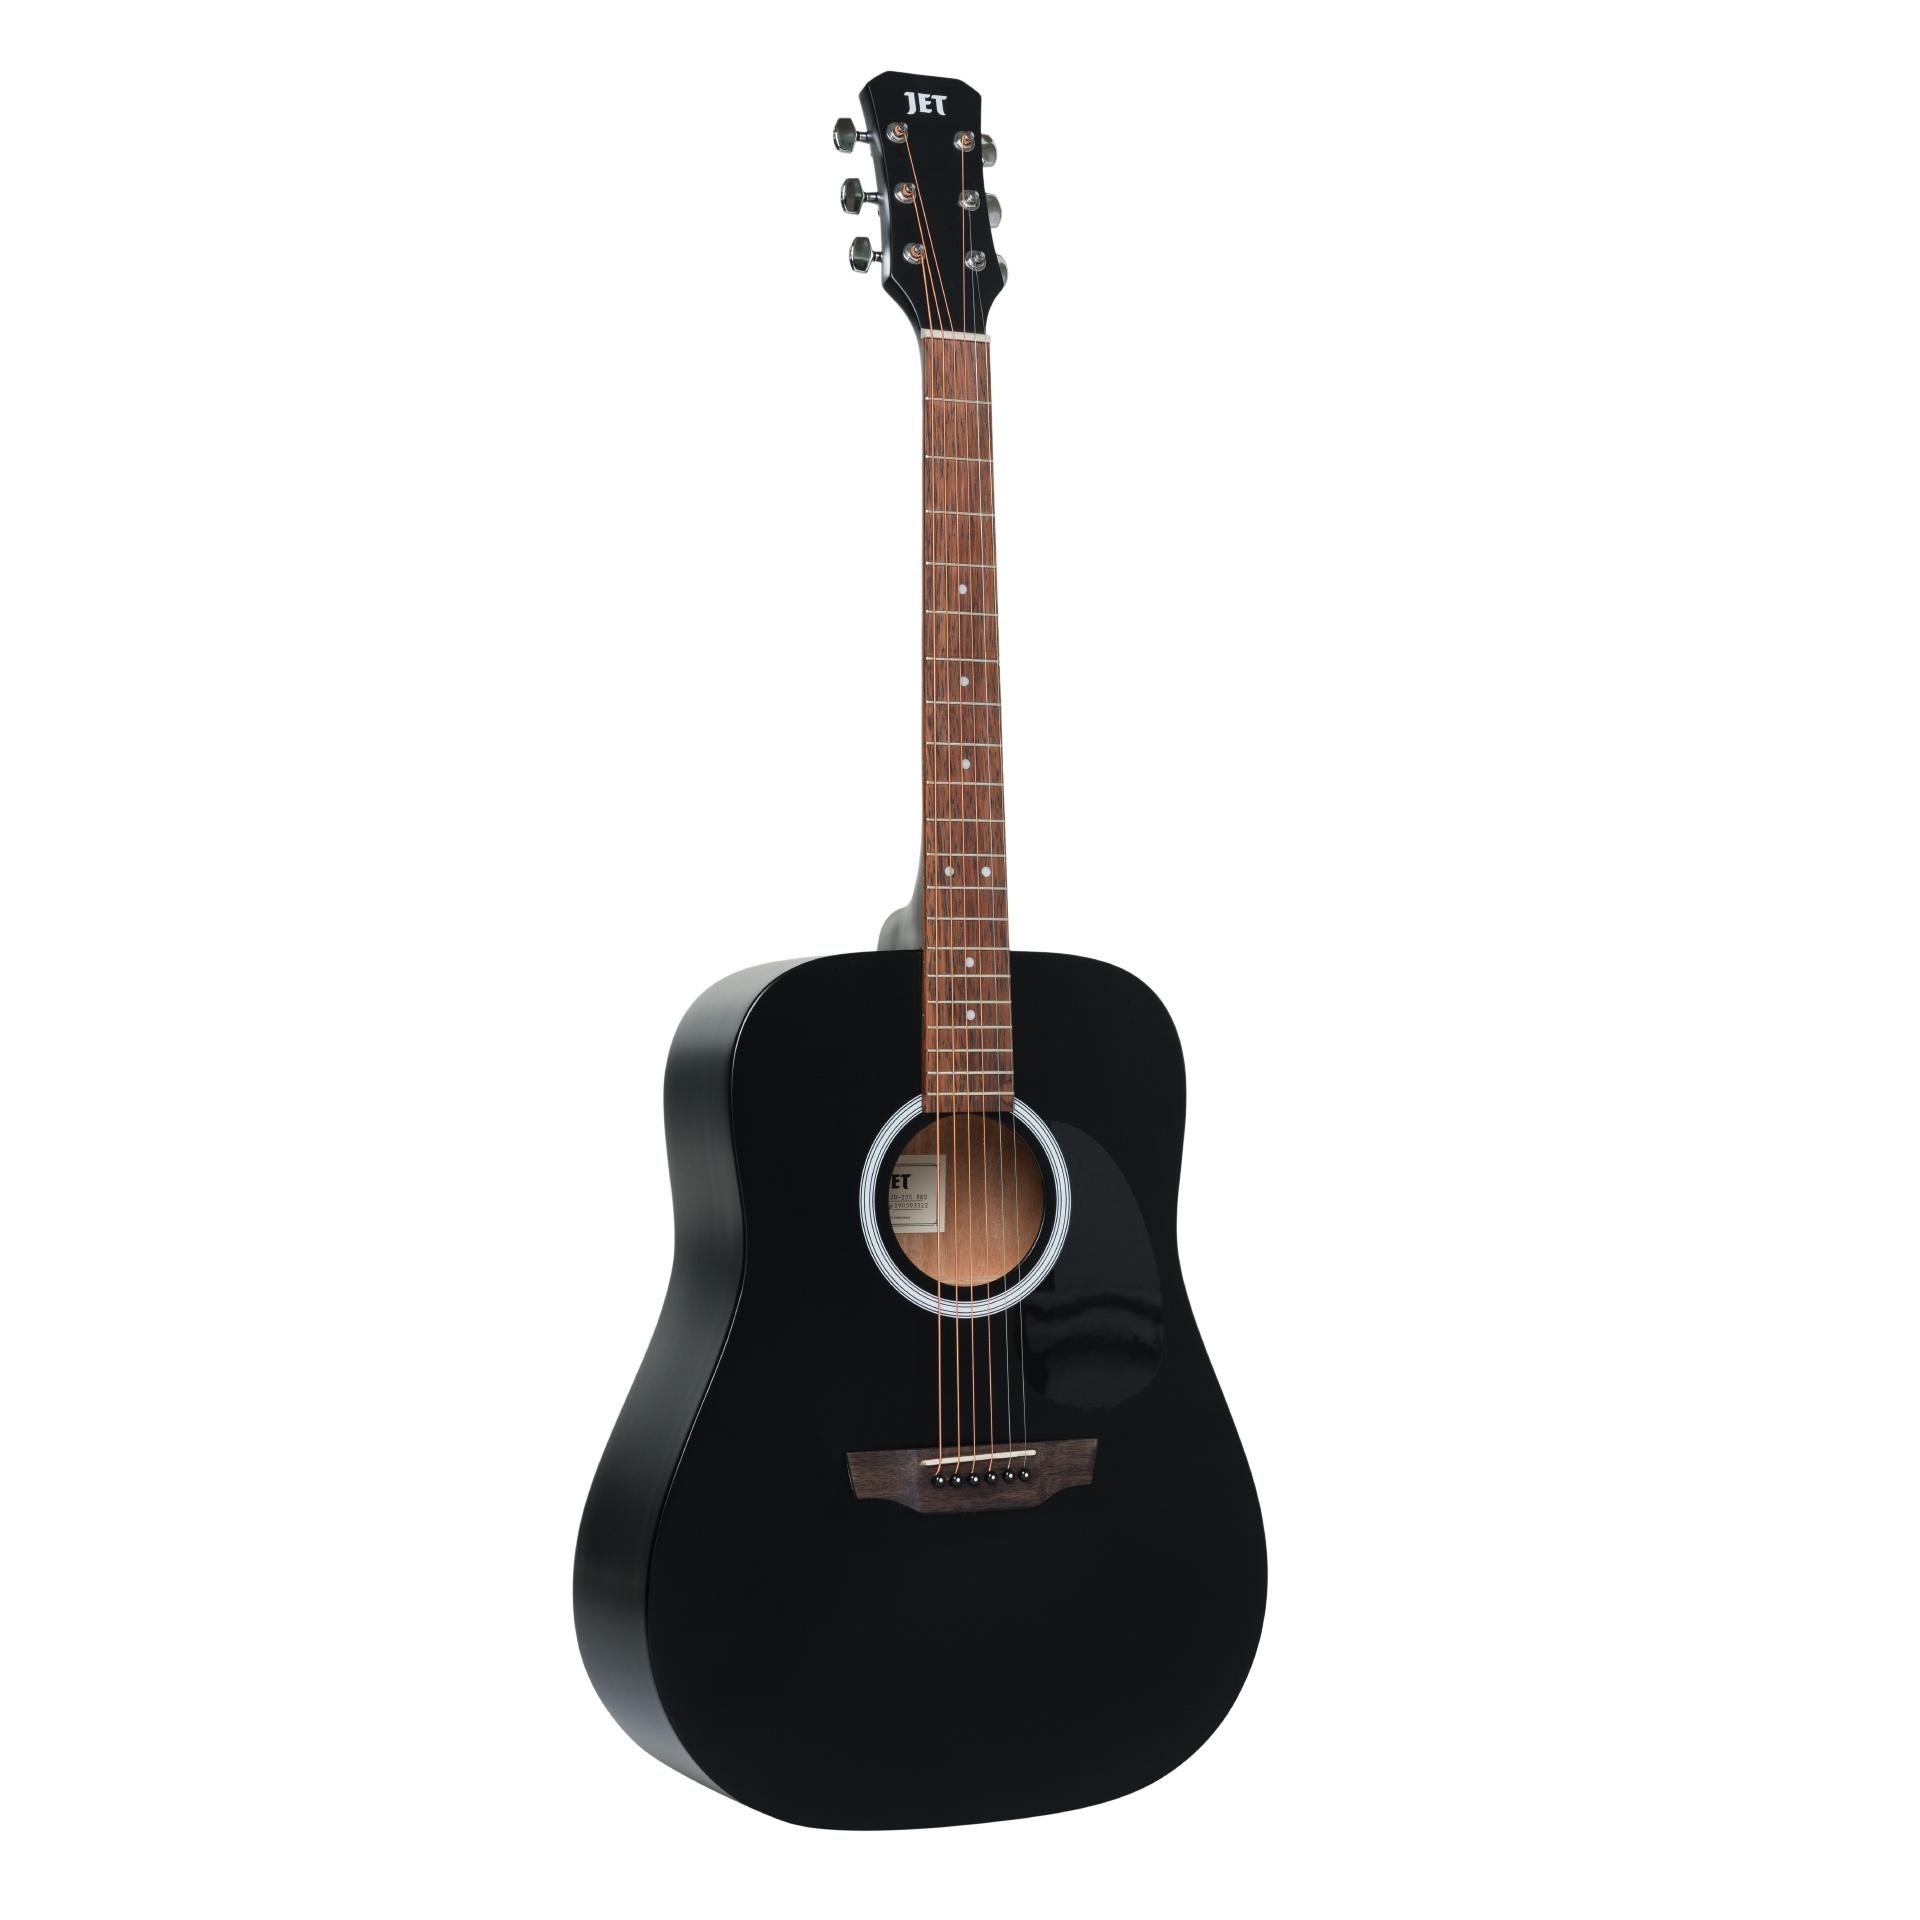 JET JD-255 BKS - акустическая гитара, верхняя дека - ель, корпус - красное дерево, цвет черный